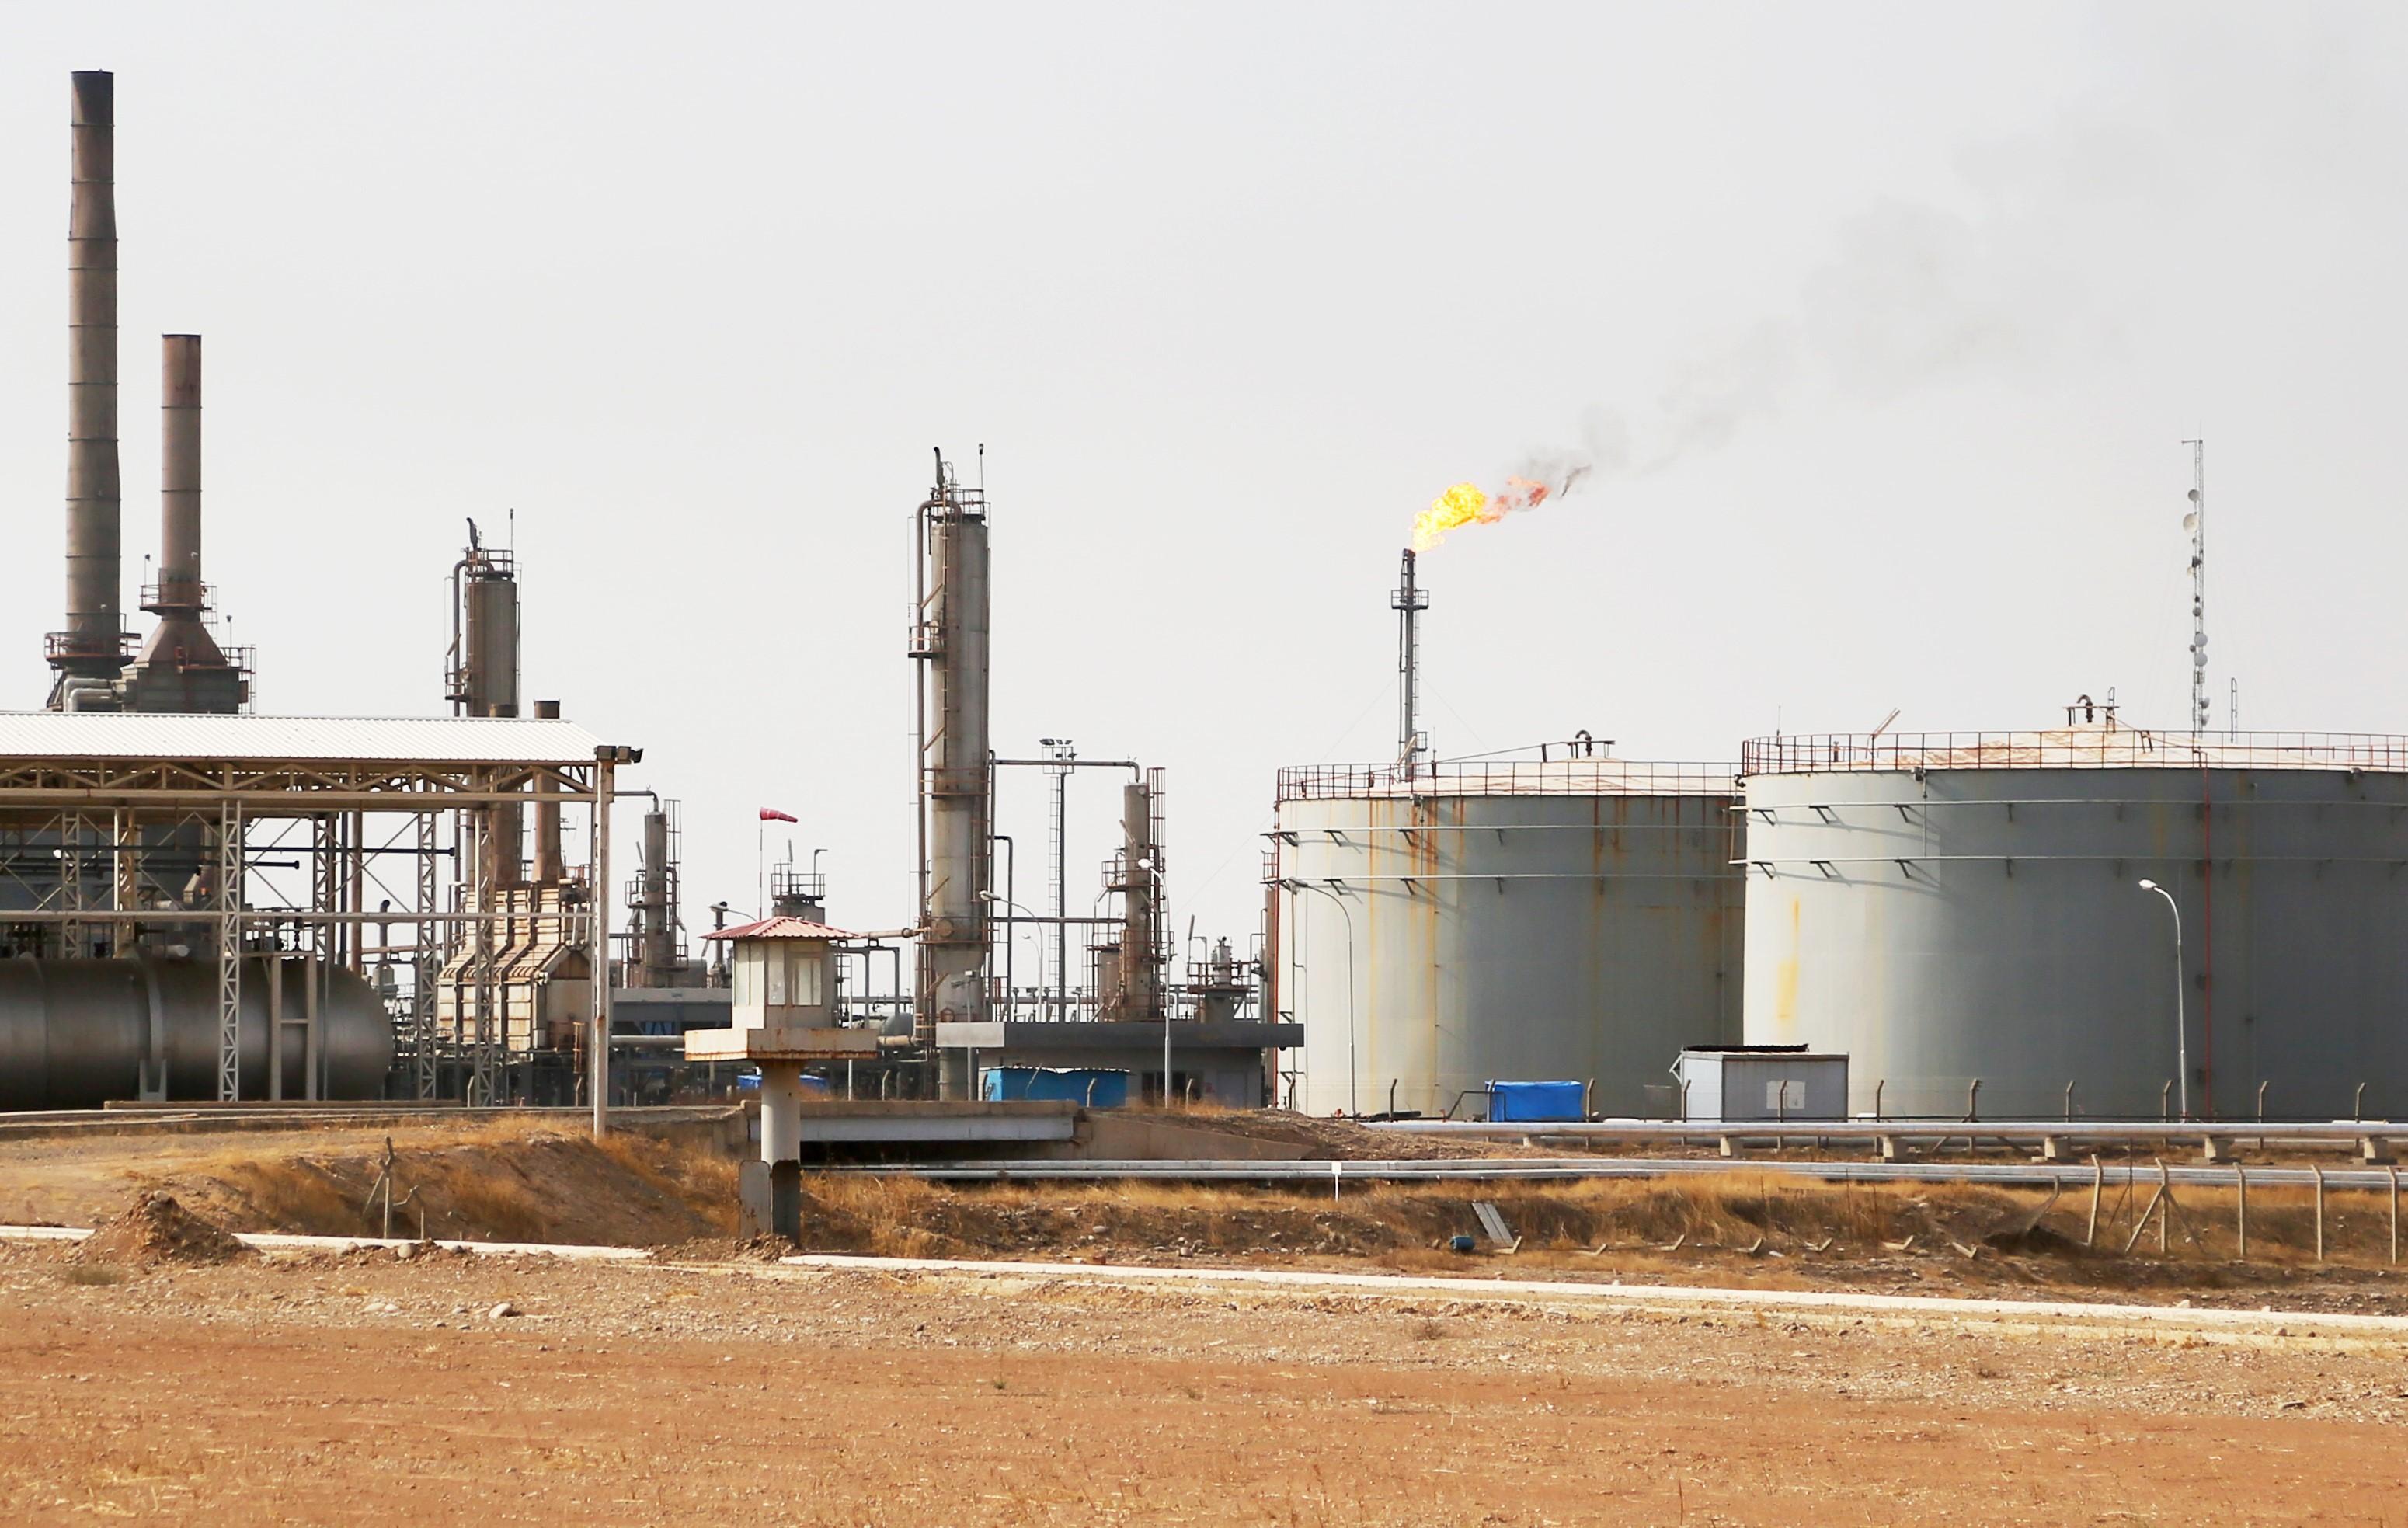 Erbil oil refinery